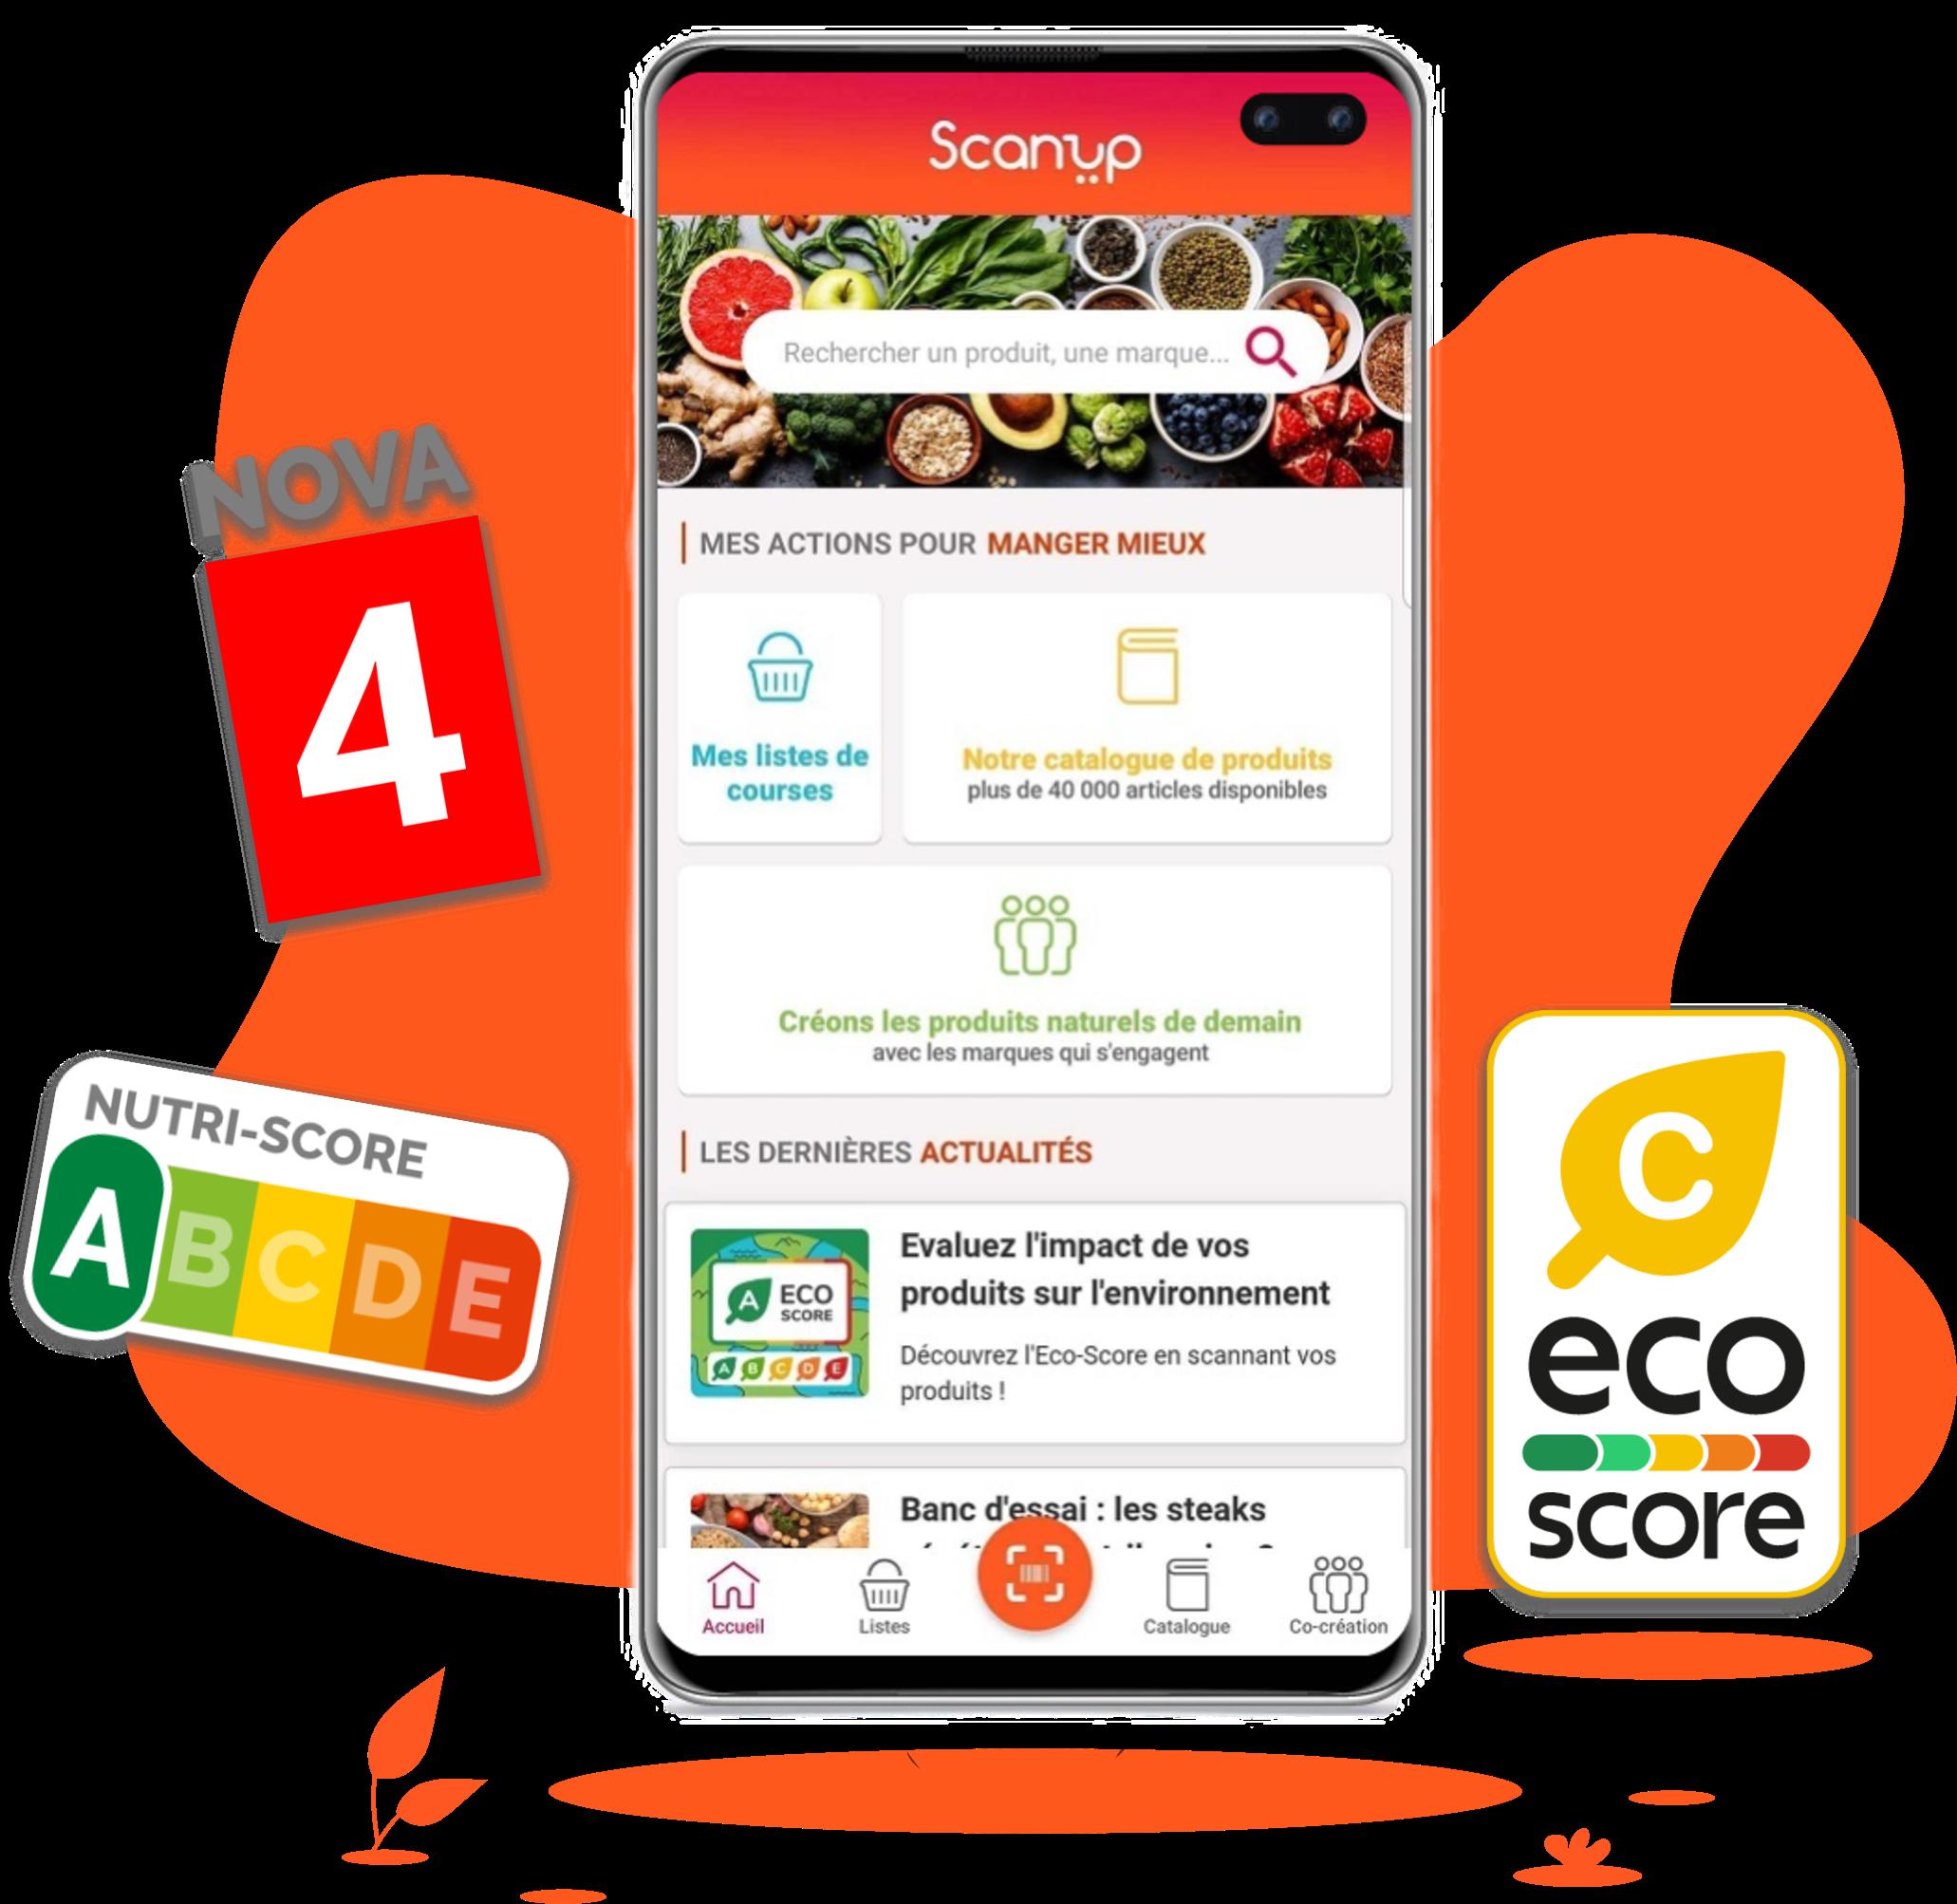 scanup, scan, produits, transformation, nutrition, nutriscore, ecoscore, nova, cocréation, consommateurs